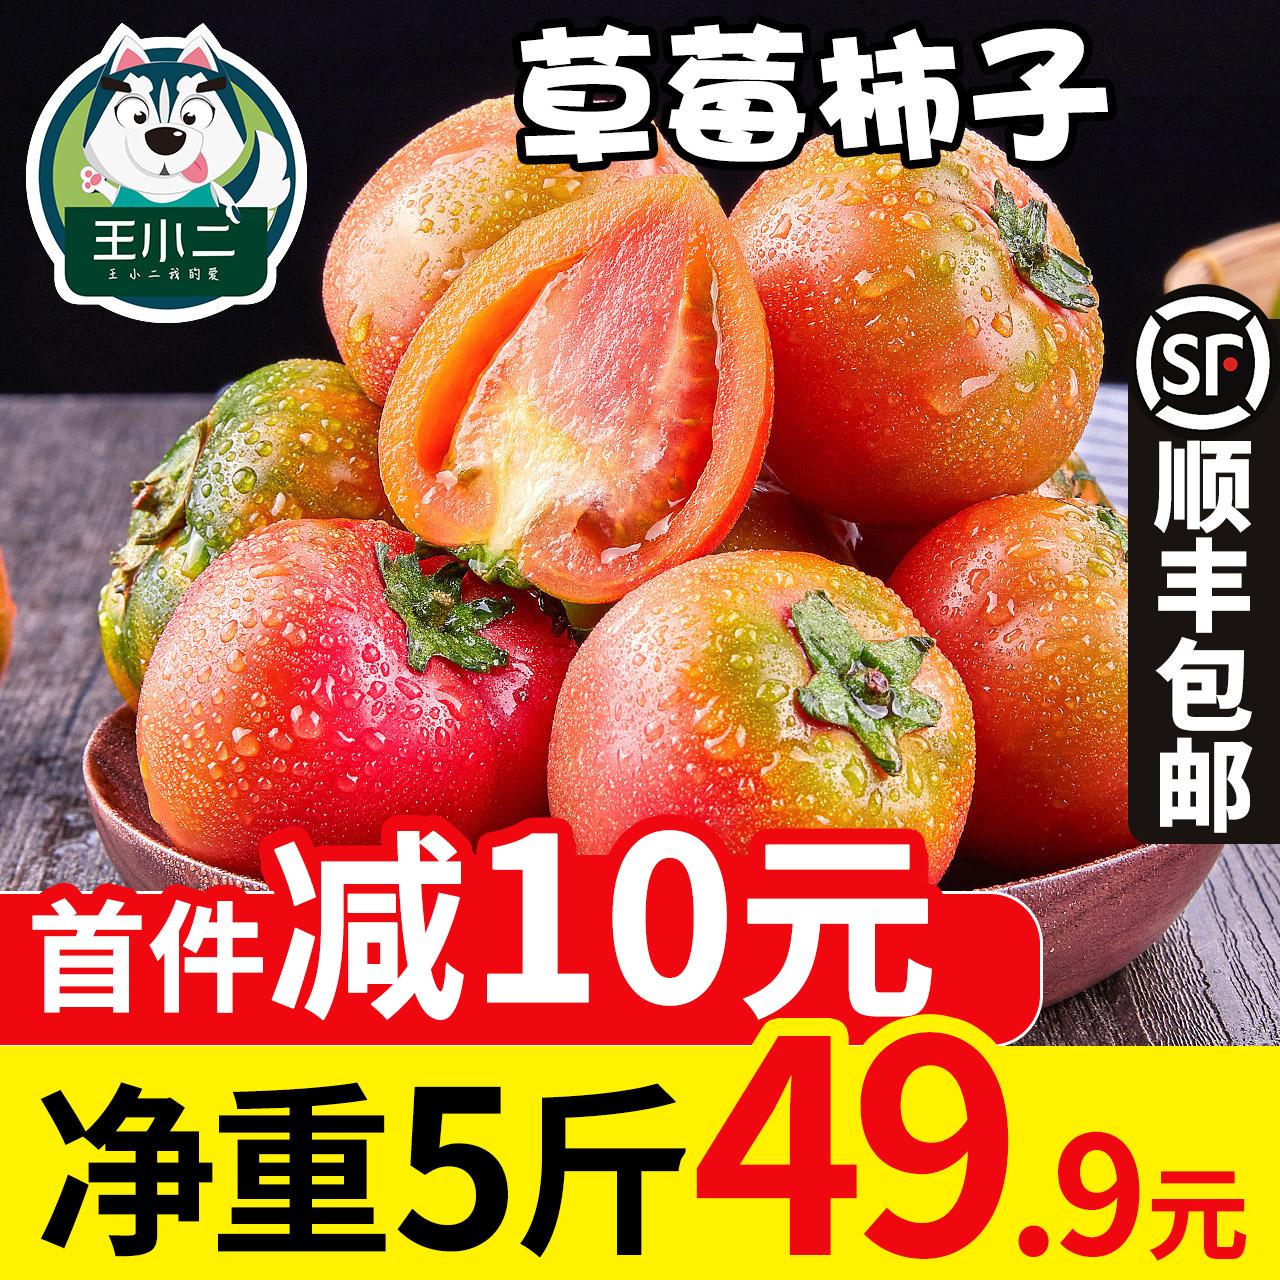 王小二 丹东铁皮柿子新鲜水果草莓西红柿小番茄绿腚脆柿包邮5斤